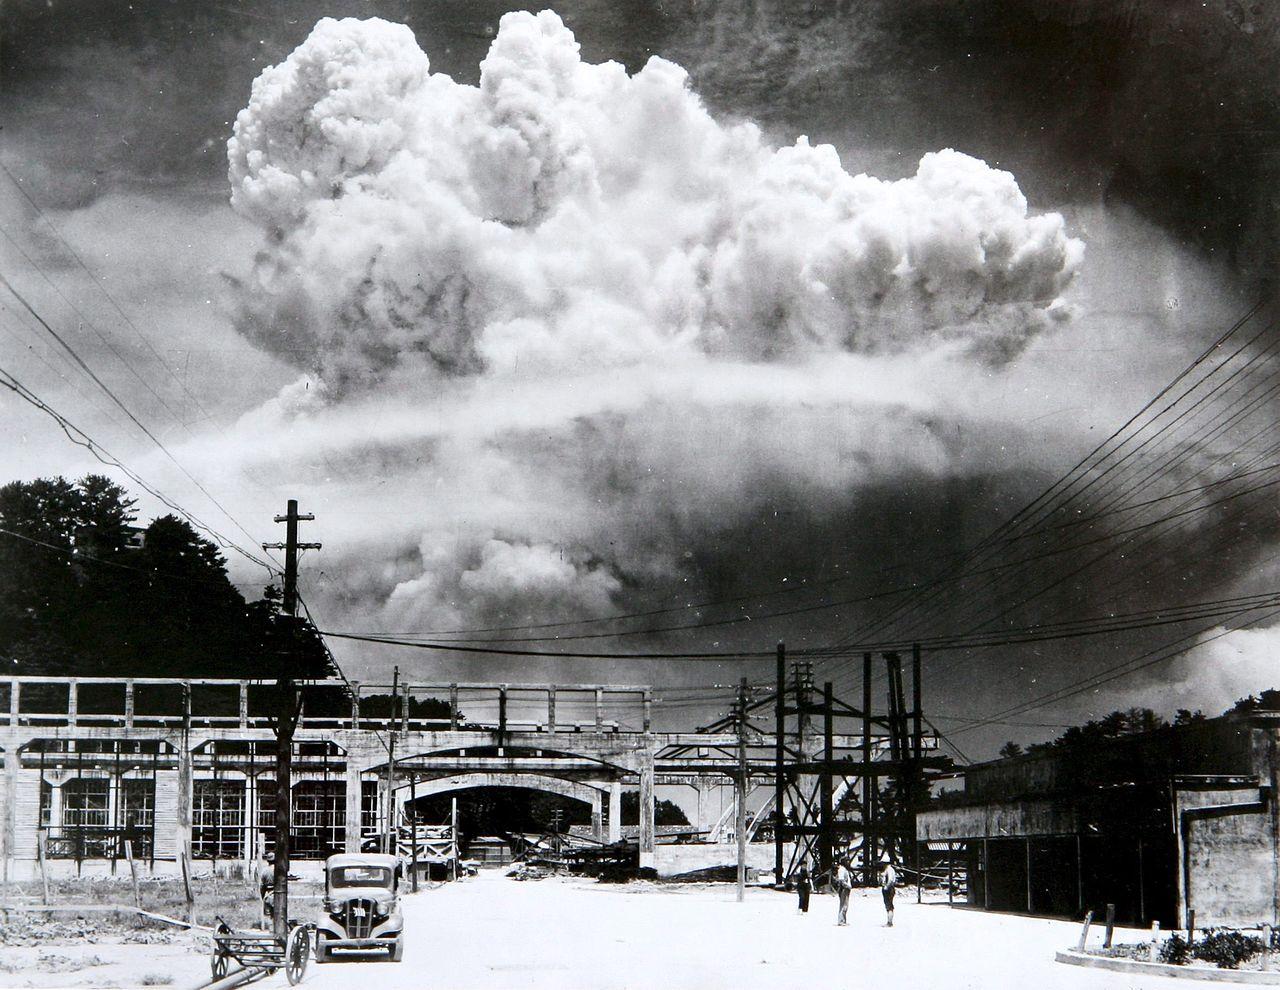 Ciuperca formată în urma exploziei nucleare din Nagasaki, de pe 9 august 1945